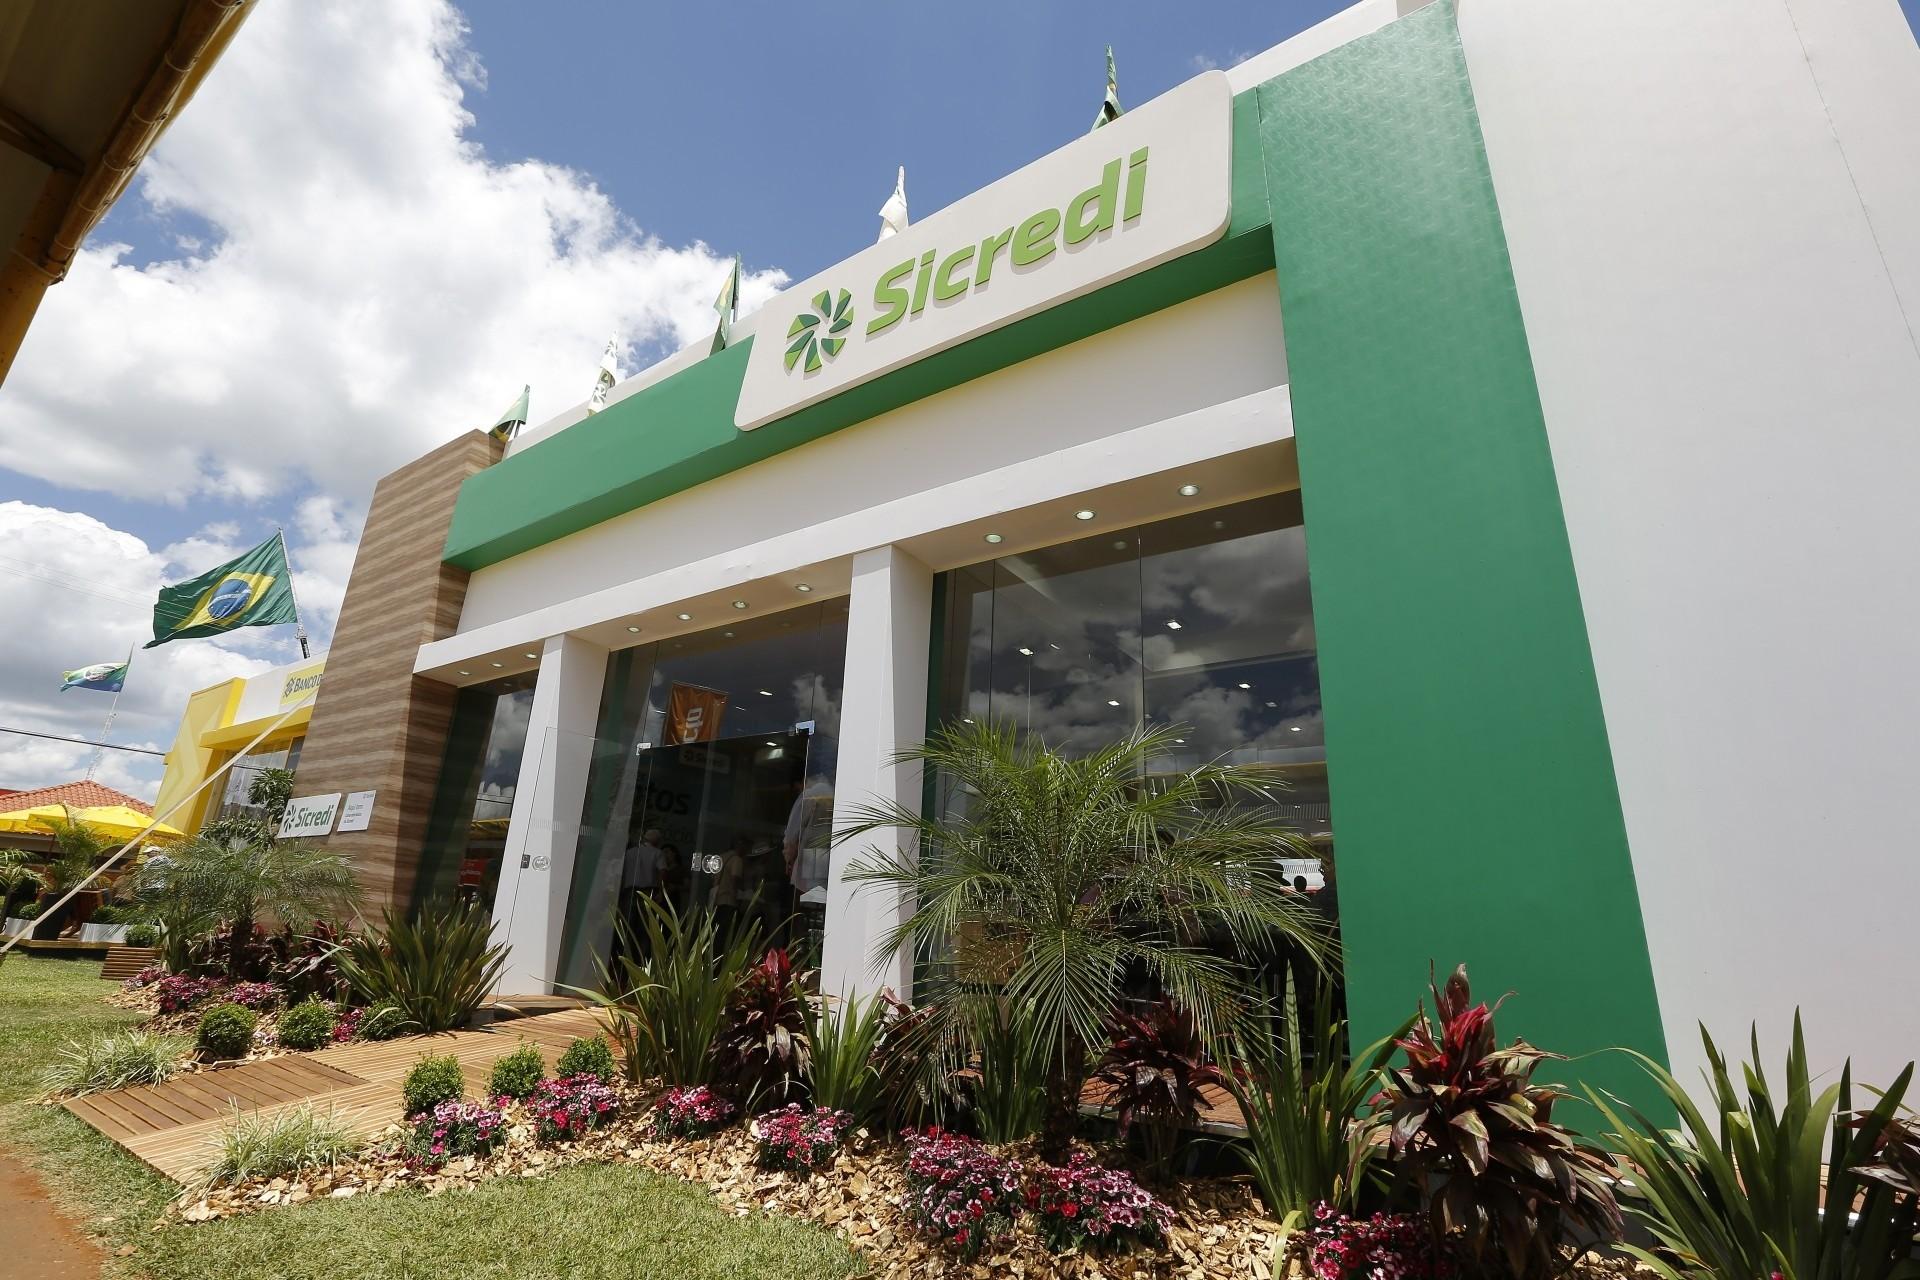 Show Rural 2019: Volume de negócios do Sicredi supera R$ 190 milhões